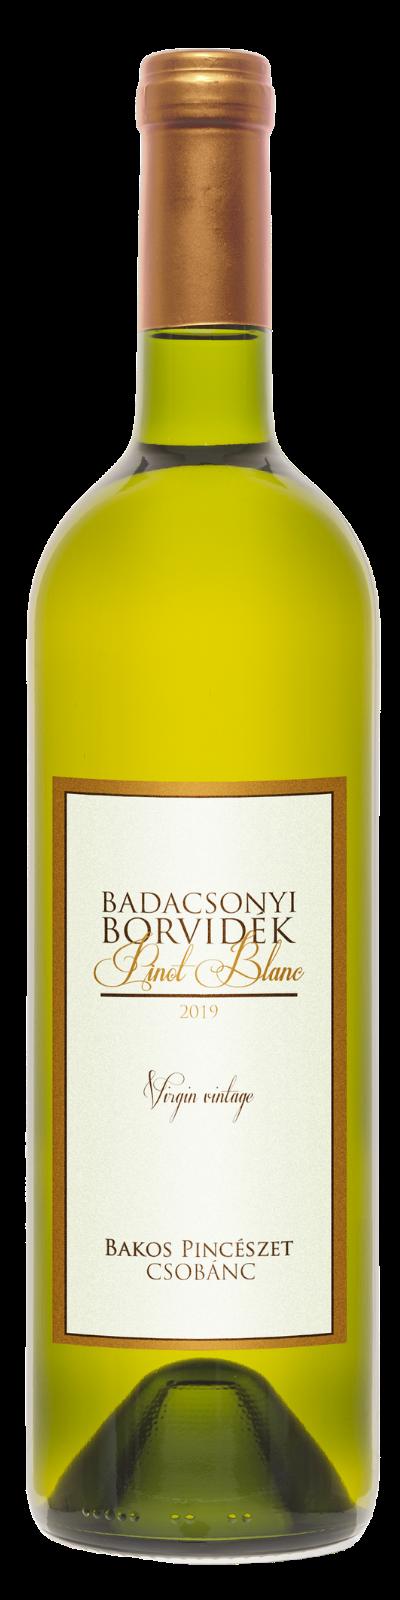 Pinot Blanc Virgin Vintage